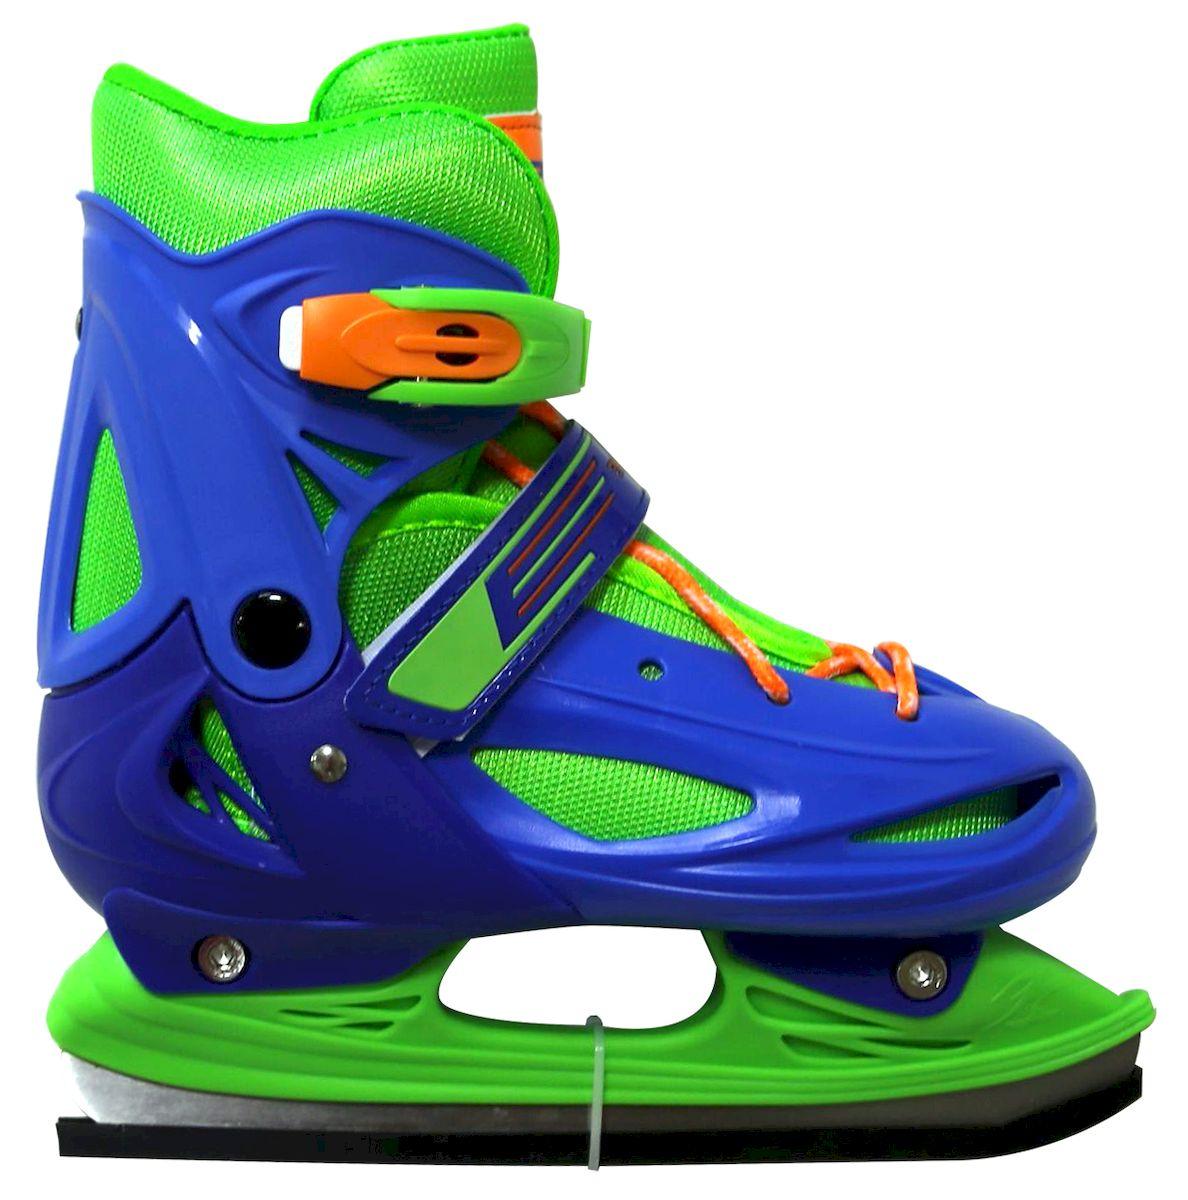 Коньки раздвижные Ice Blade Casey, цвет: синий, зеленый, оранжевый. УТ-00009125. Размер L (38/41)УТ-00009125Коньки раздвижные Casey - это классические раздвижные коньки от известного бренда Ice Blade, которые предназначены для детей и подростков, а также для тех, кто делает первые шаги в катании на льду. Коньки имеют яркий молодежный дизайн, теплый внутренний сапожок, удобная трехуровневая система фиксации ноги, легкая смена размера, надежная защита пятки и носка - все это бесспорные преимущества модели. Коньки поставляются с заводской заточкой лезвия, что позволяет сразу приступить к катанию и не тратить денег на заточку. Предназначены для использования на открытом и закрытом льду. Характеристики: Тип фиксации: клипса с фиксатором, липучка, шнурки Материал ботинка: морозостойкий пластик Внутренняя отделка: теплый текстильный материал Лезвие: выполнено из высокоуглеродистой стали с покрытием из никеля Упаковка: удобная сумка